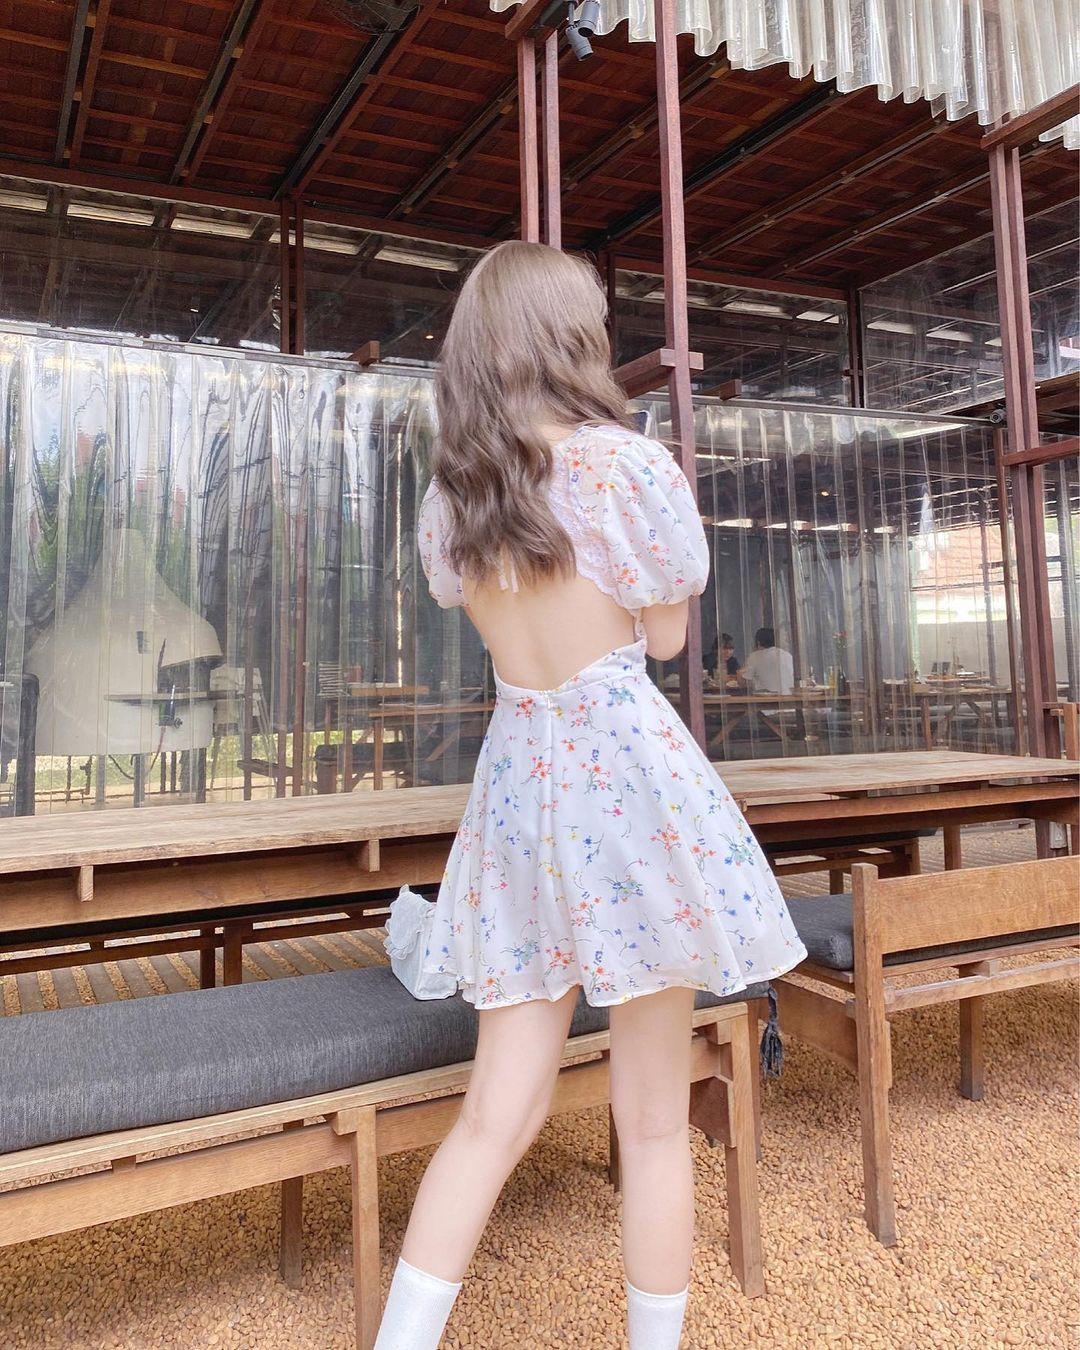 Chỉ từ 240k sắm váy hở lưng xinh yêu sexy lại mát rượi chấp hết nắng nóng Sài Gòn - Ảnh 7.